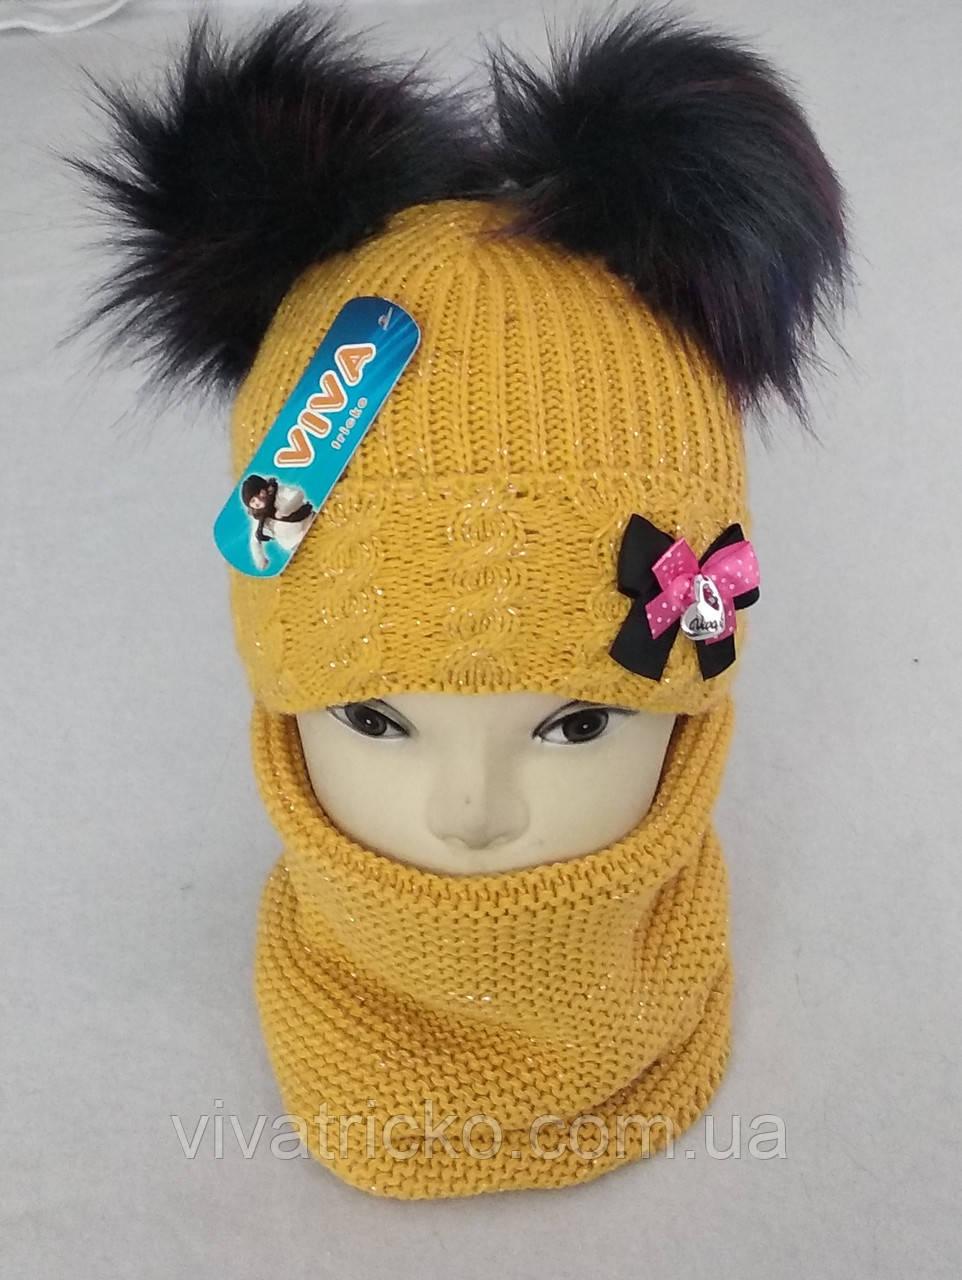 М 5037 Комплект для дівчинки шапка з двома помпонами +баф (3 -8 років), кашемір, фліс